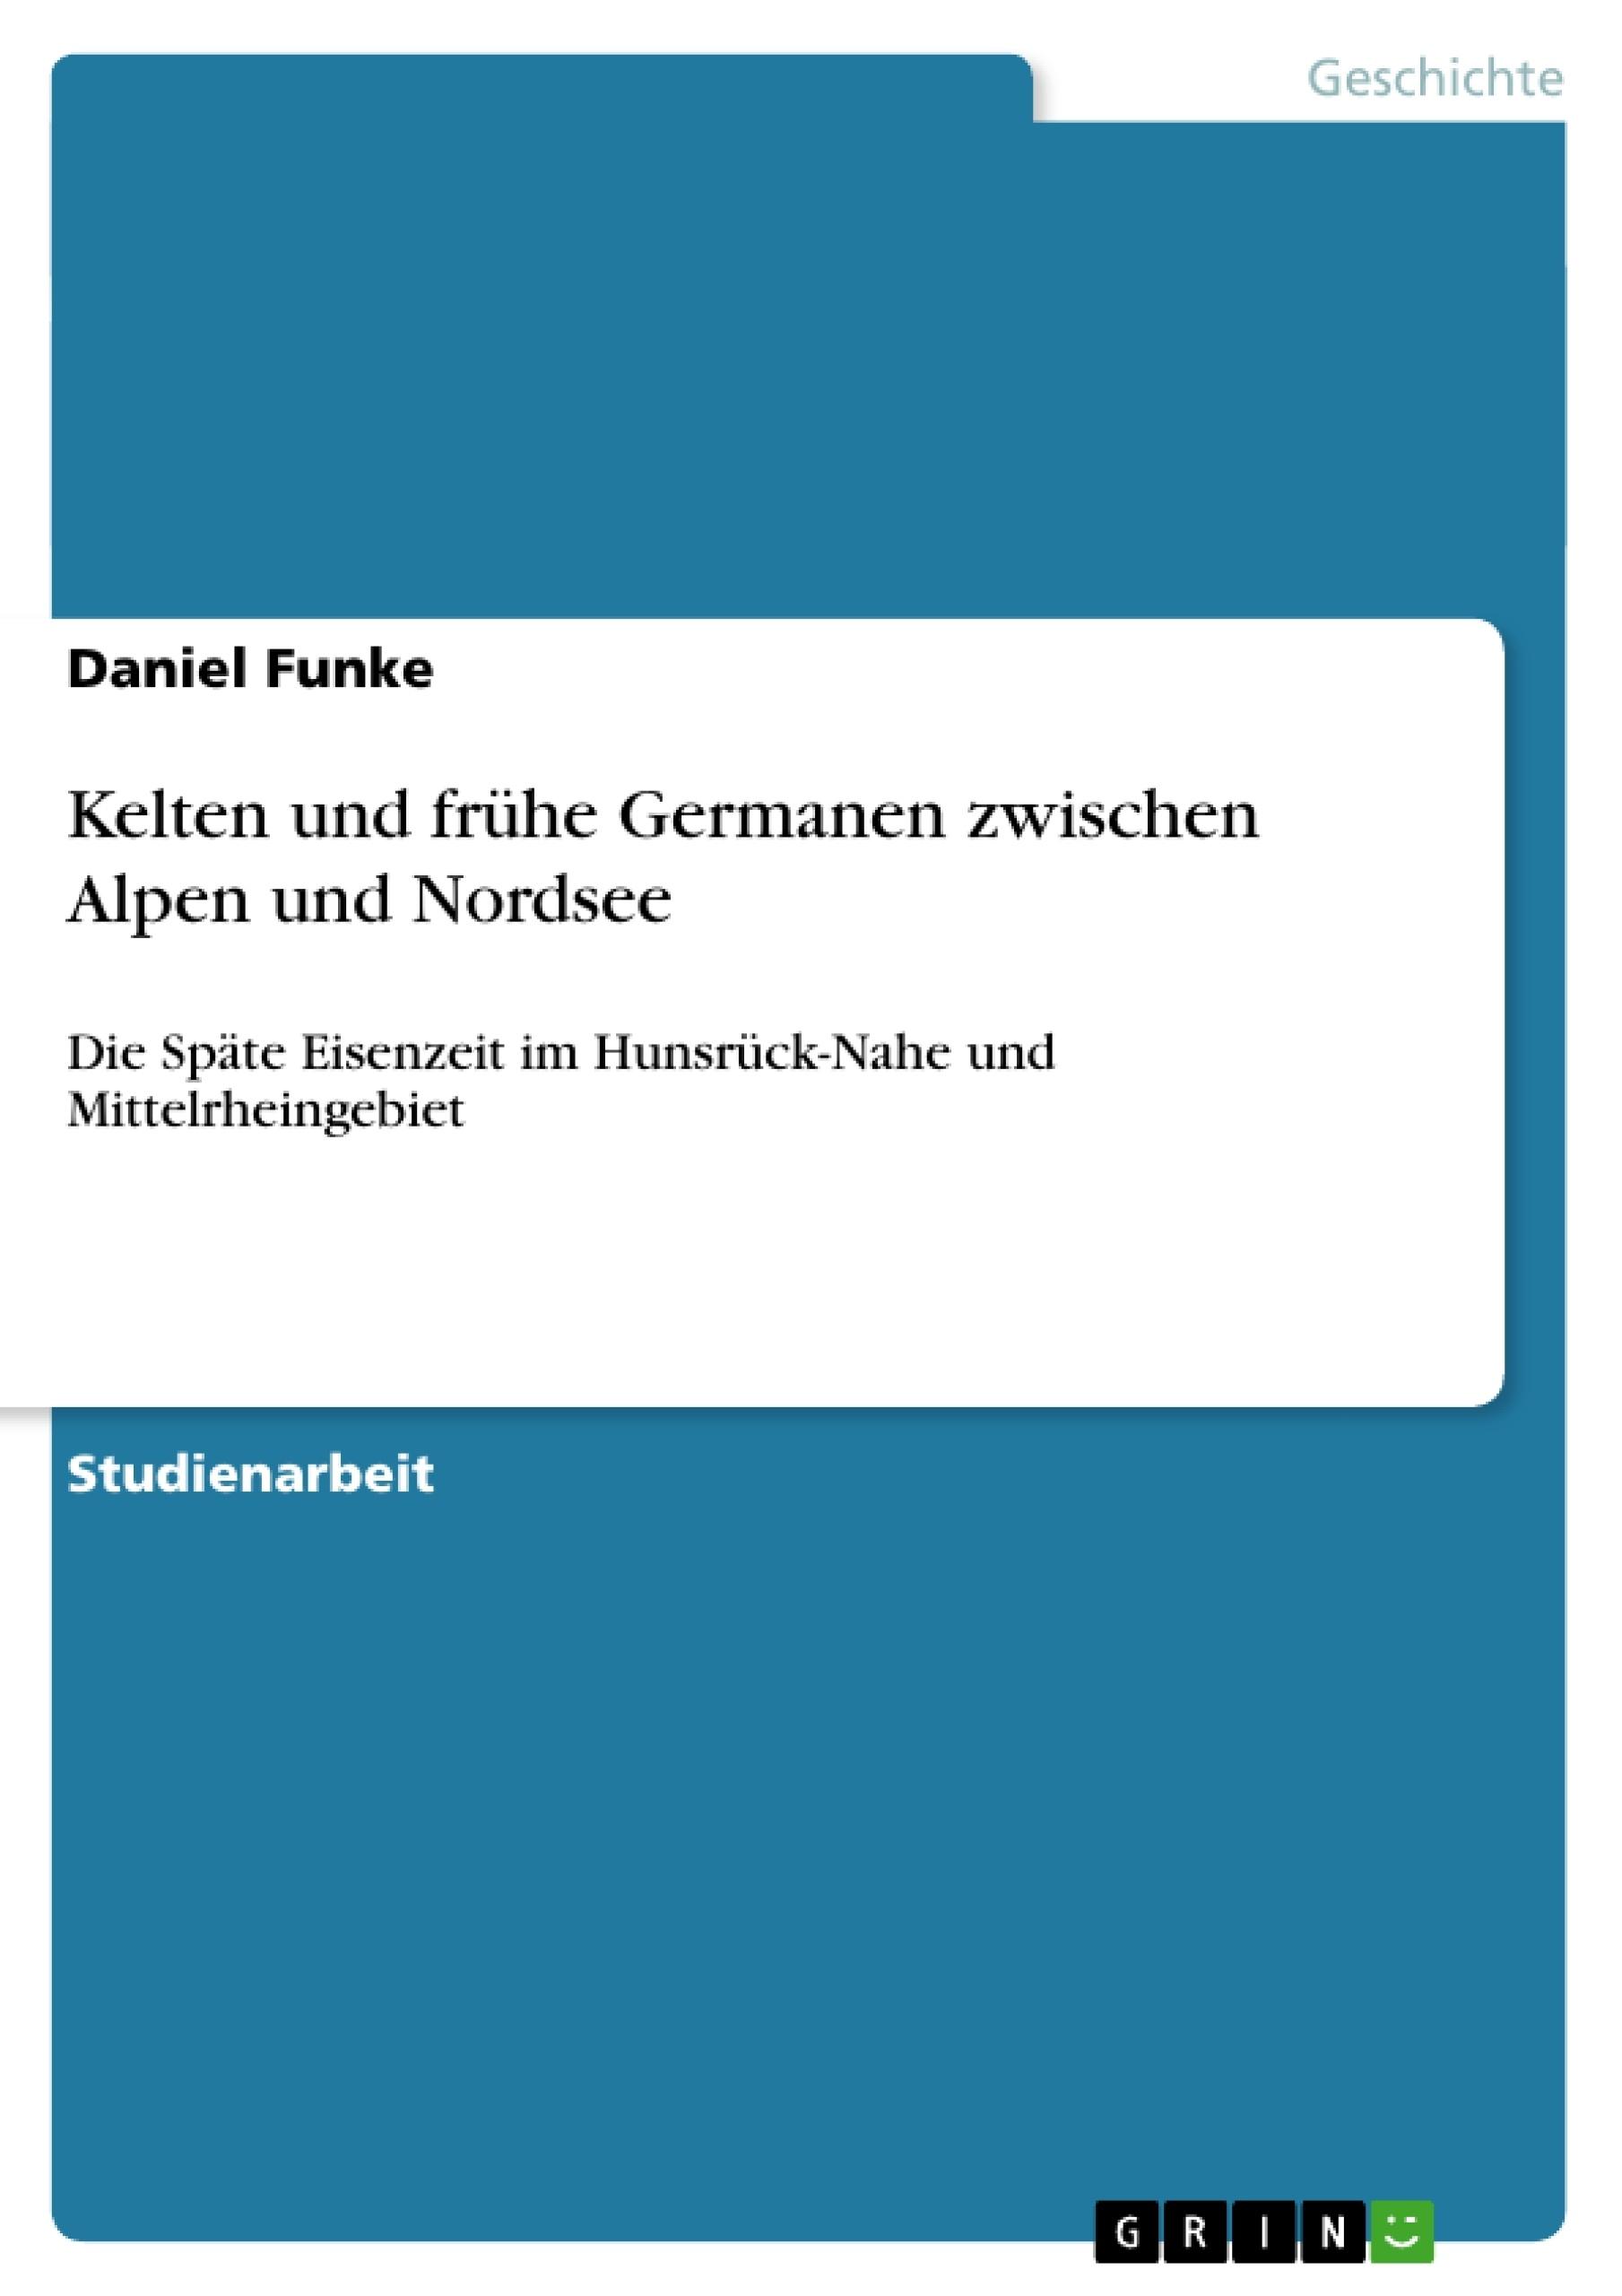 Titel: Kelten und frühe Germanen zwischen Alpen und Nordsee